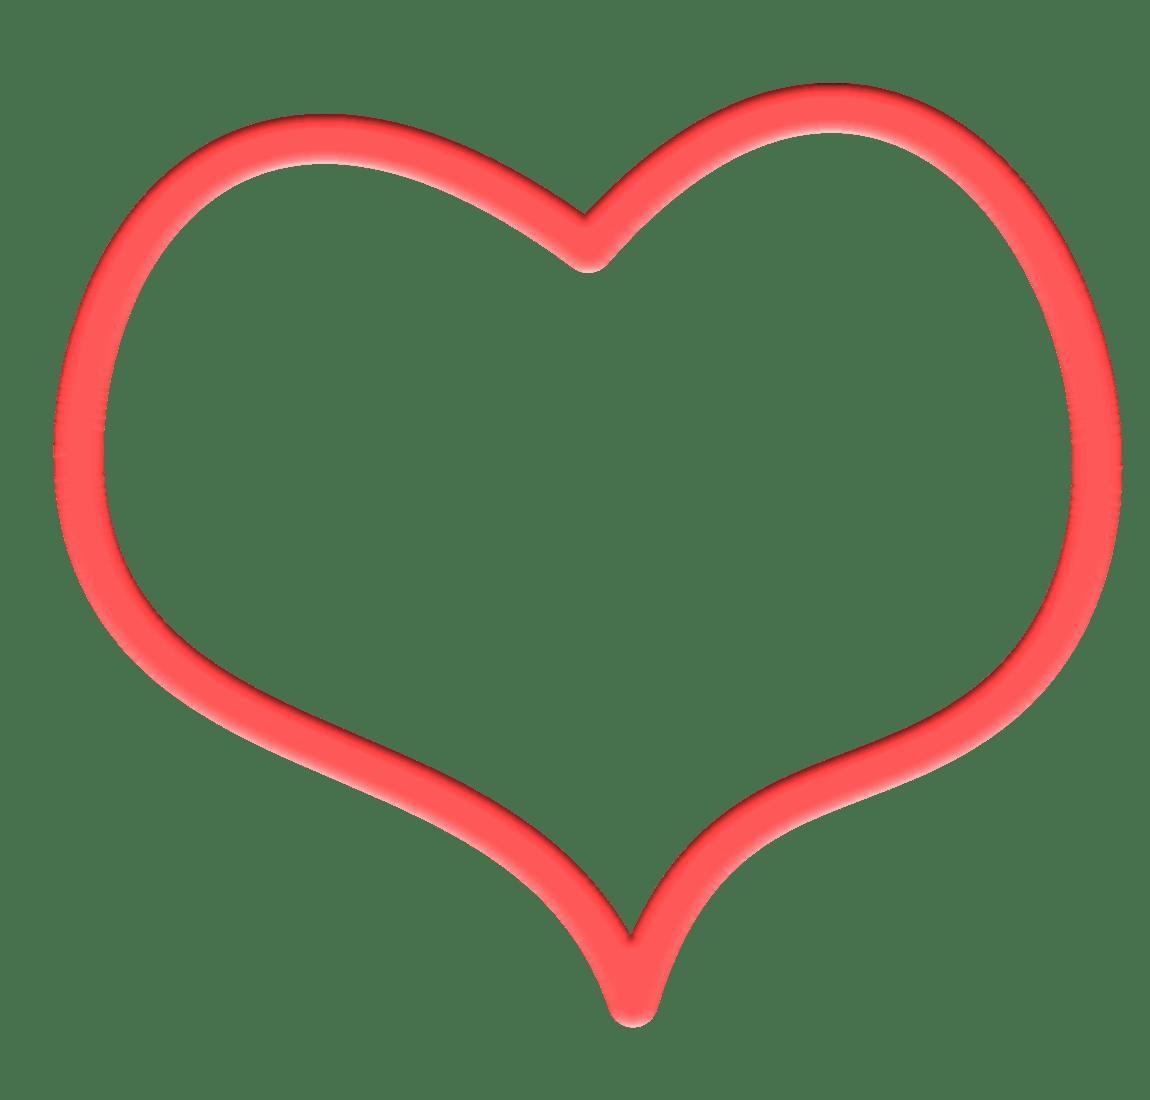 Contour De Cœur Rouge Dessin Png Transparents Stickpng